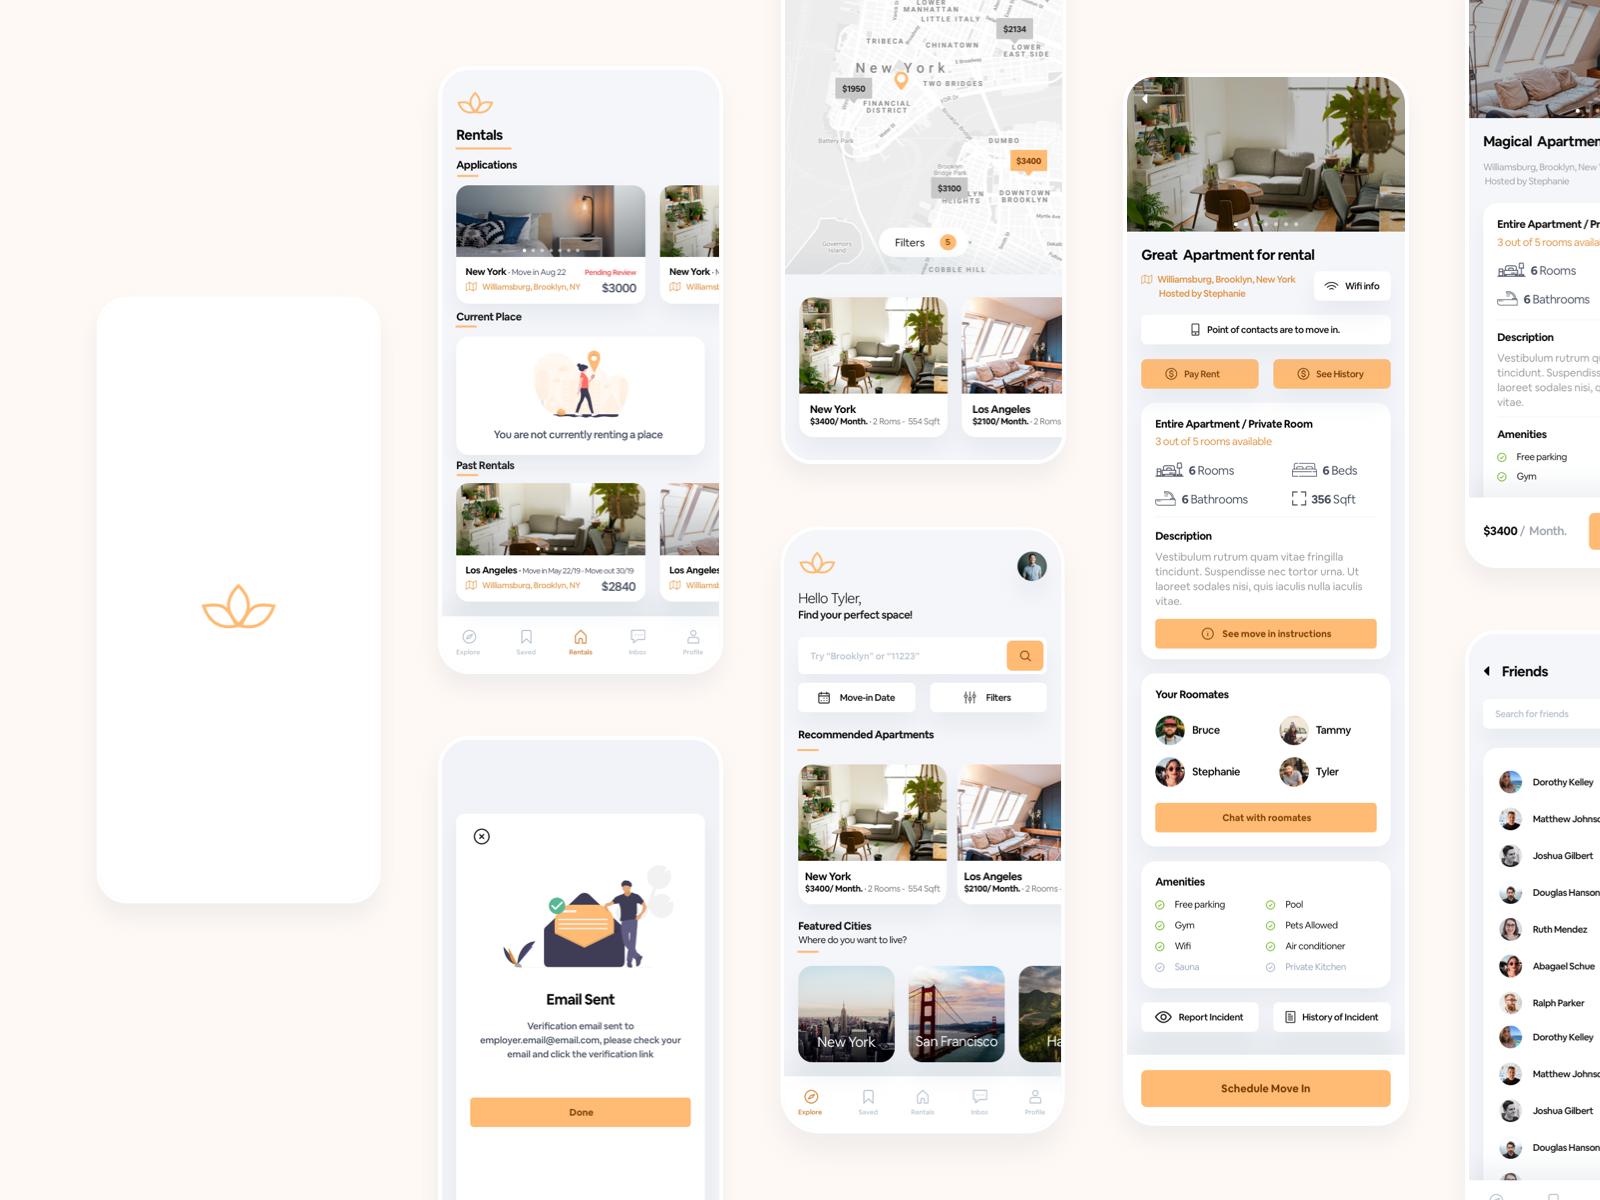 Lotus - rental online marketplace